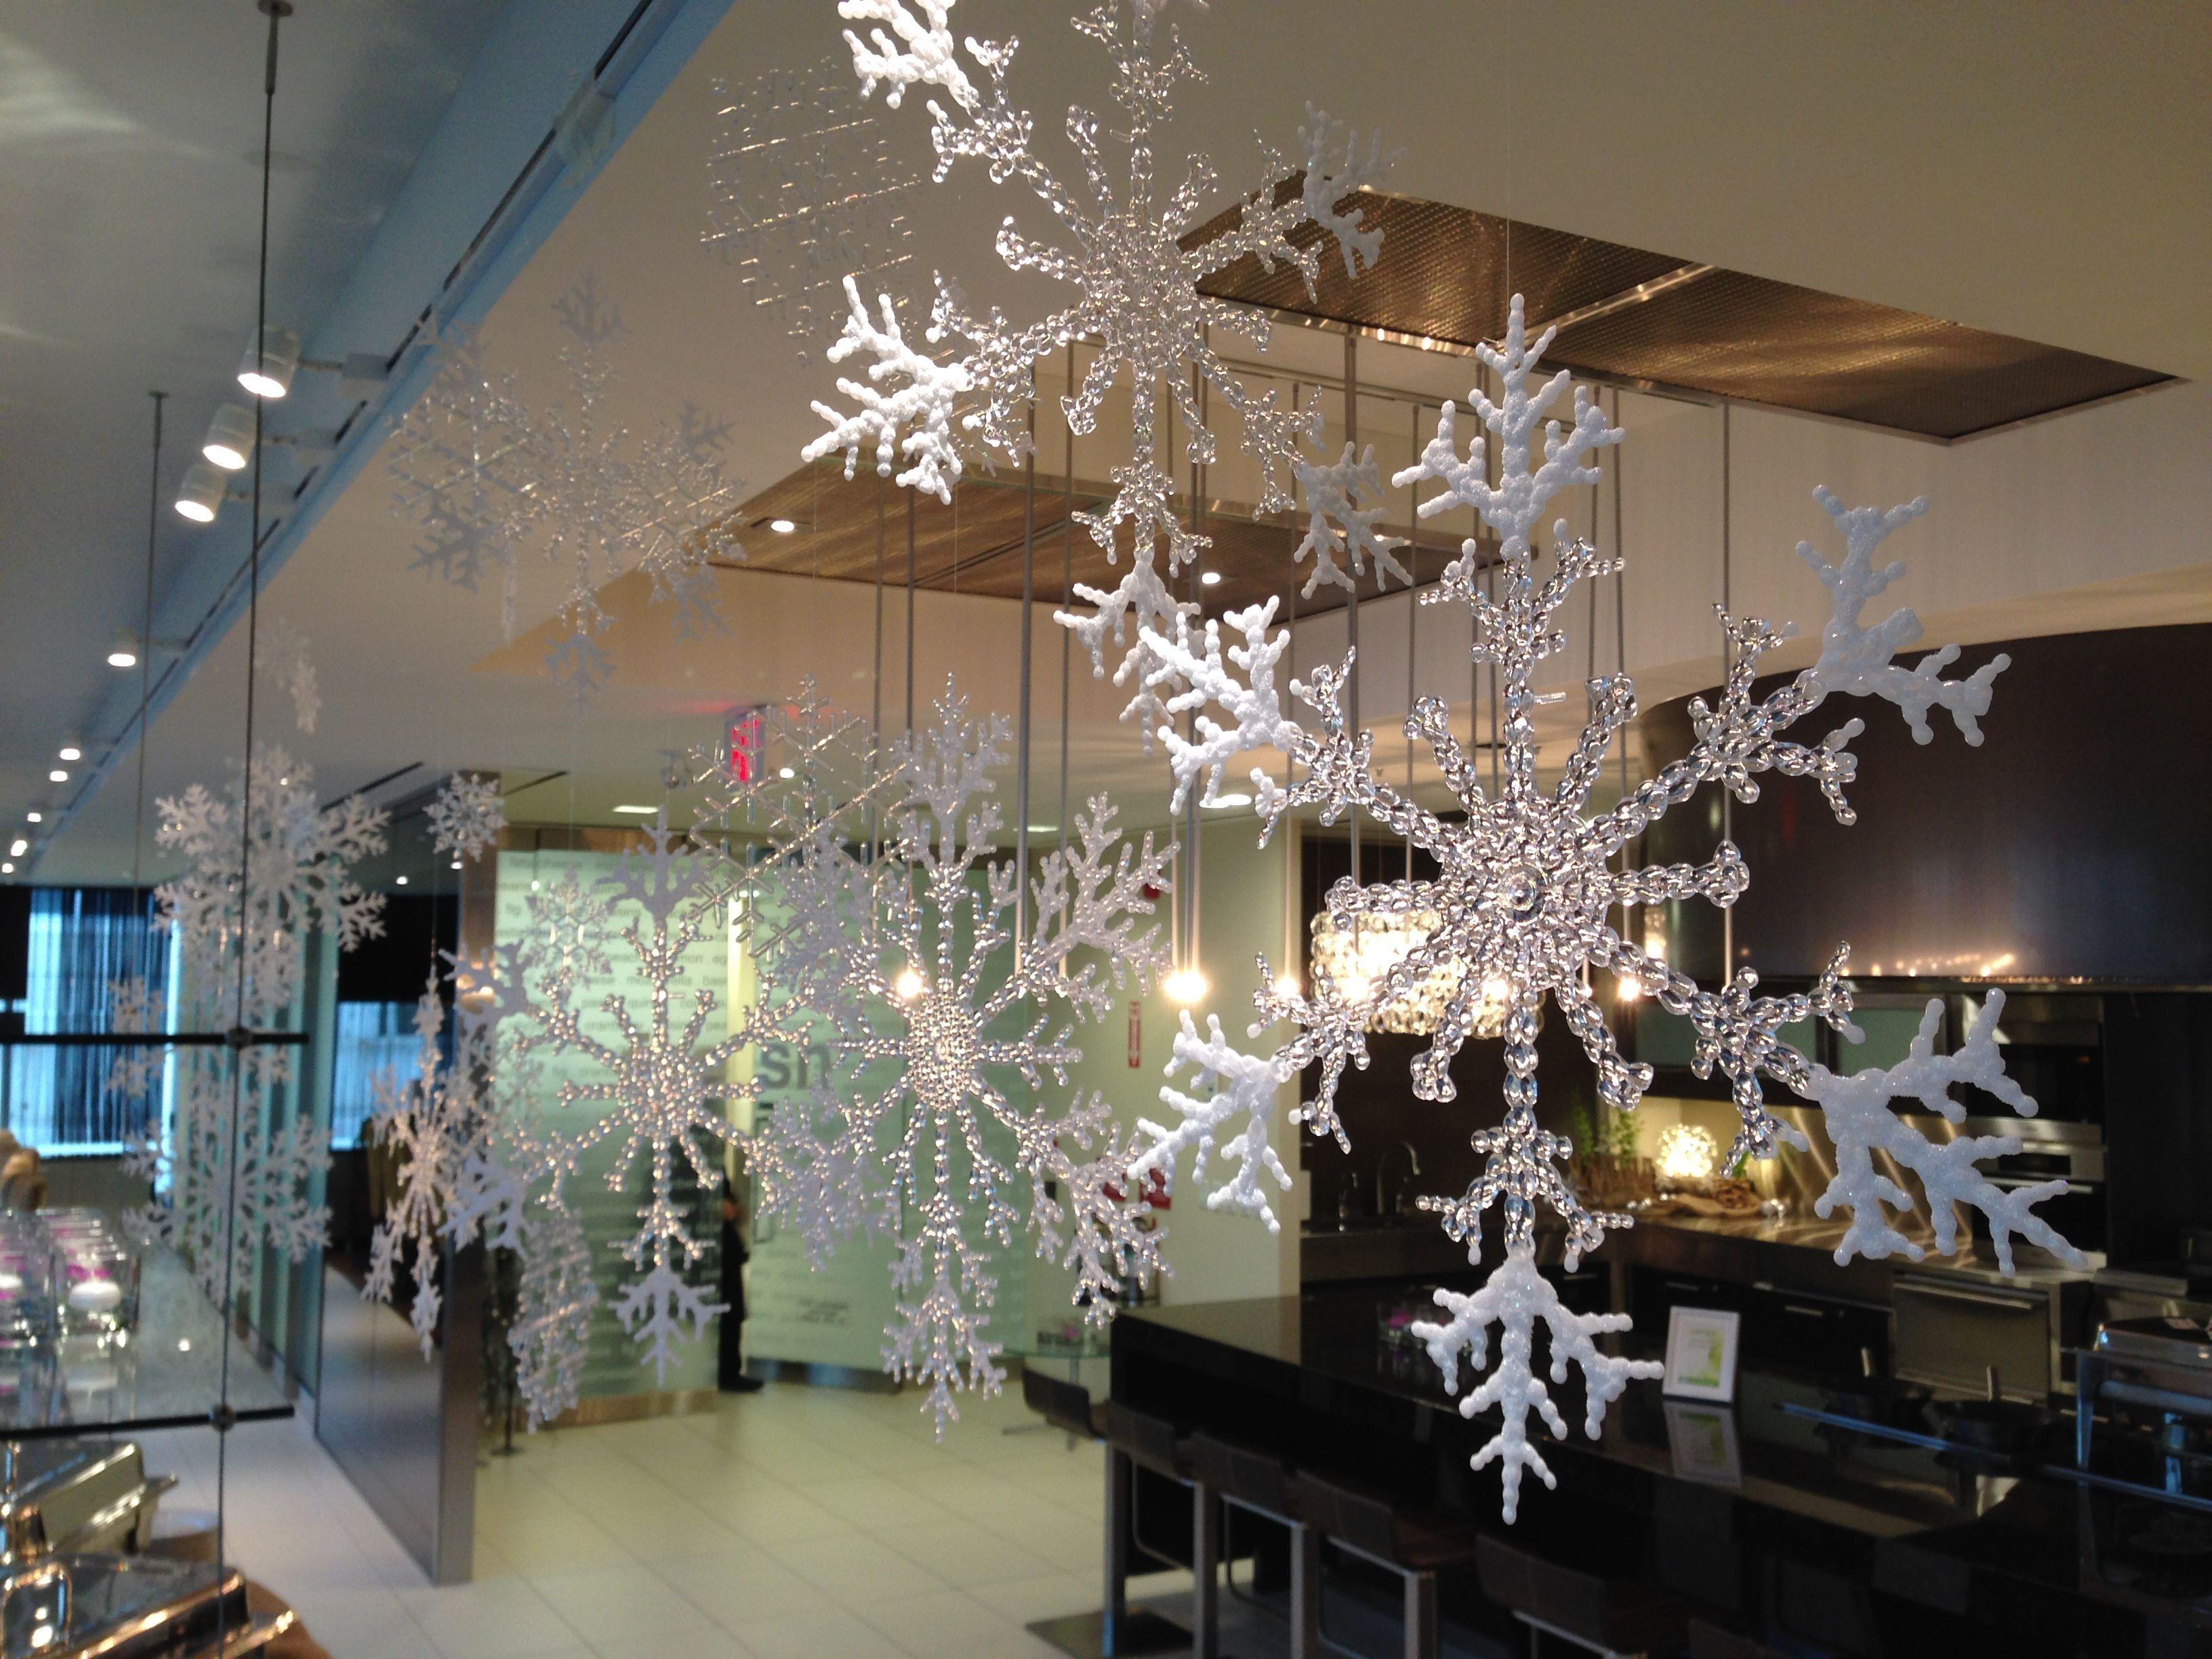 40 Wonderful Winter Wonderland Decoration Ideas Office Winter Wonderland Christmas Winter Wonderland Decorations Winter Wonderland Baby Shower